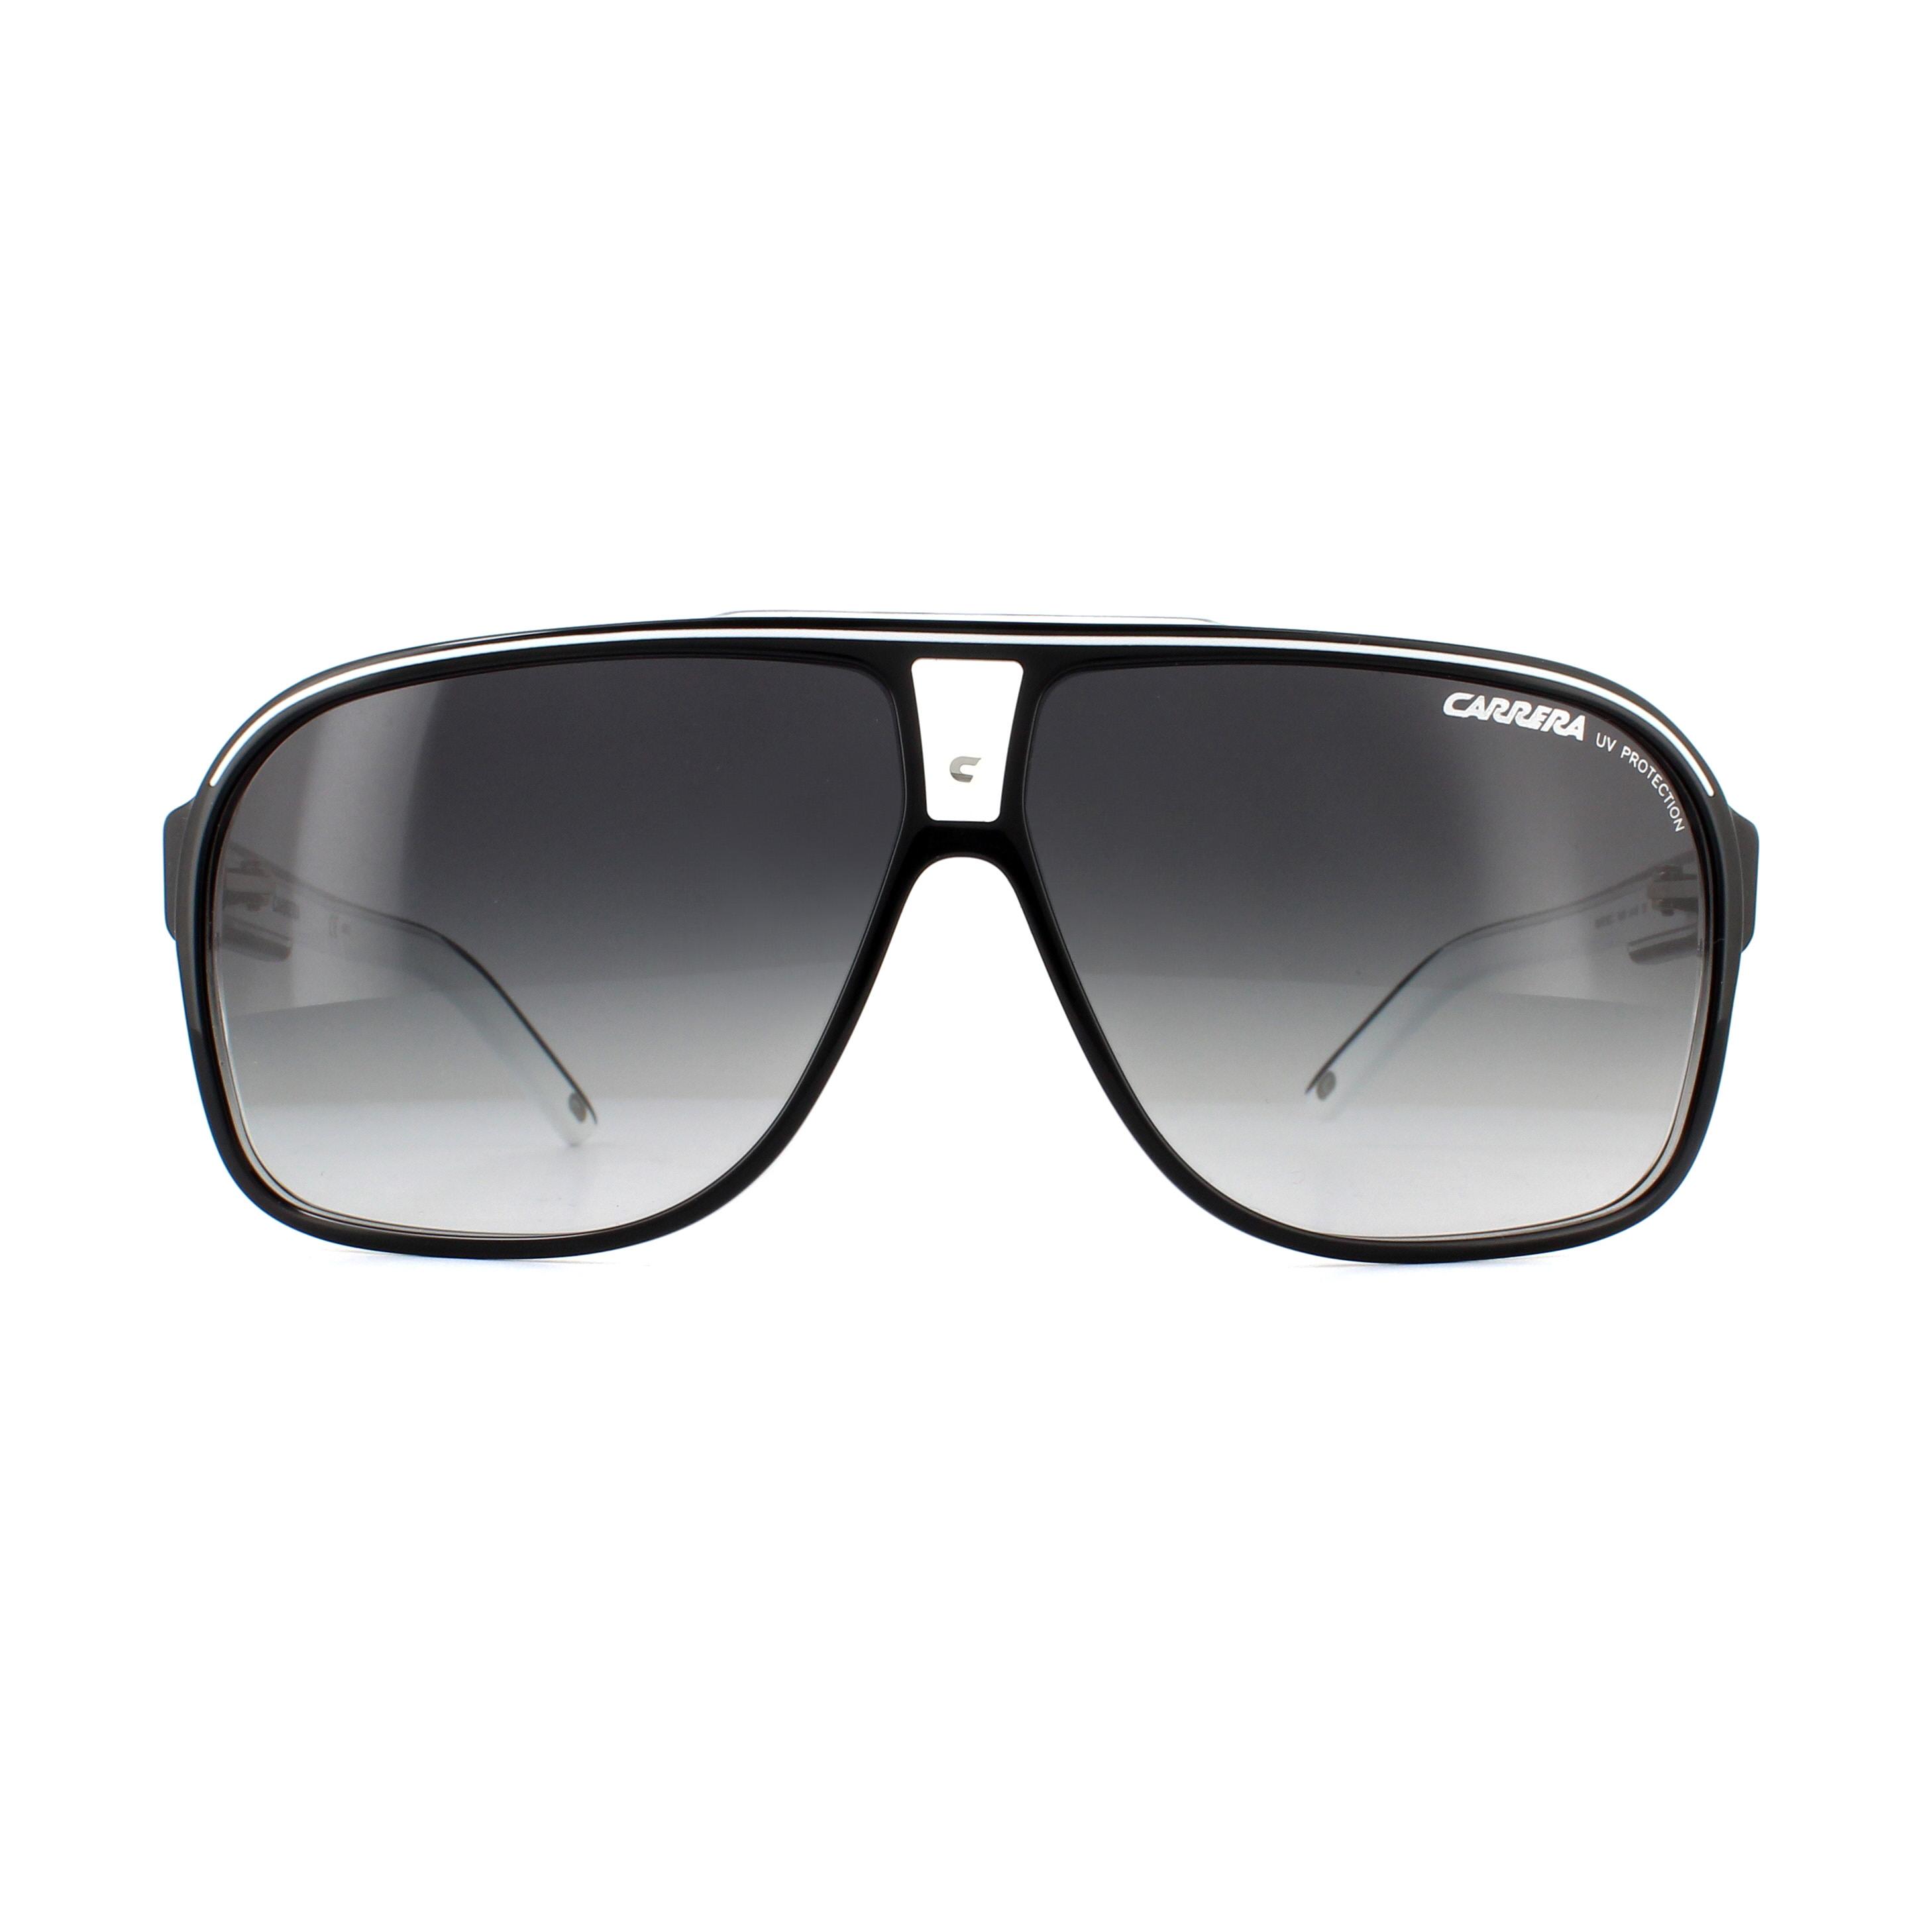 85664a73c7 Cheap Carrera Grand Prix 2 Sunglasses - Discounted Sunglasses